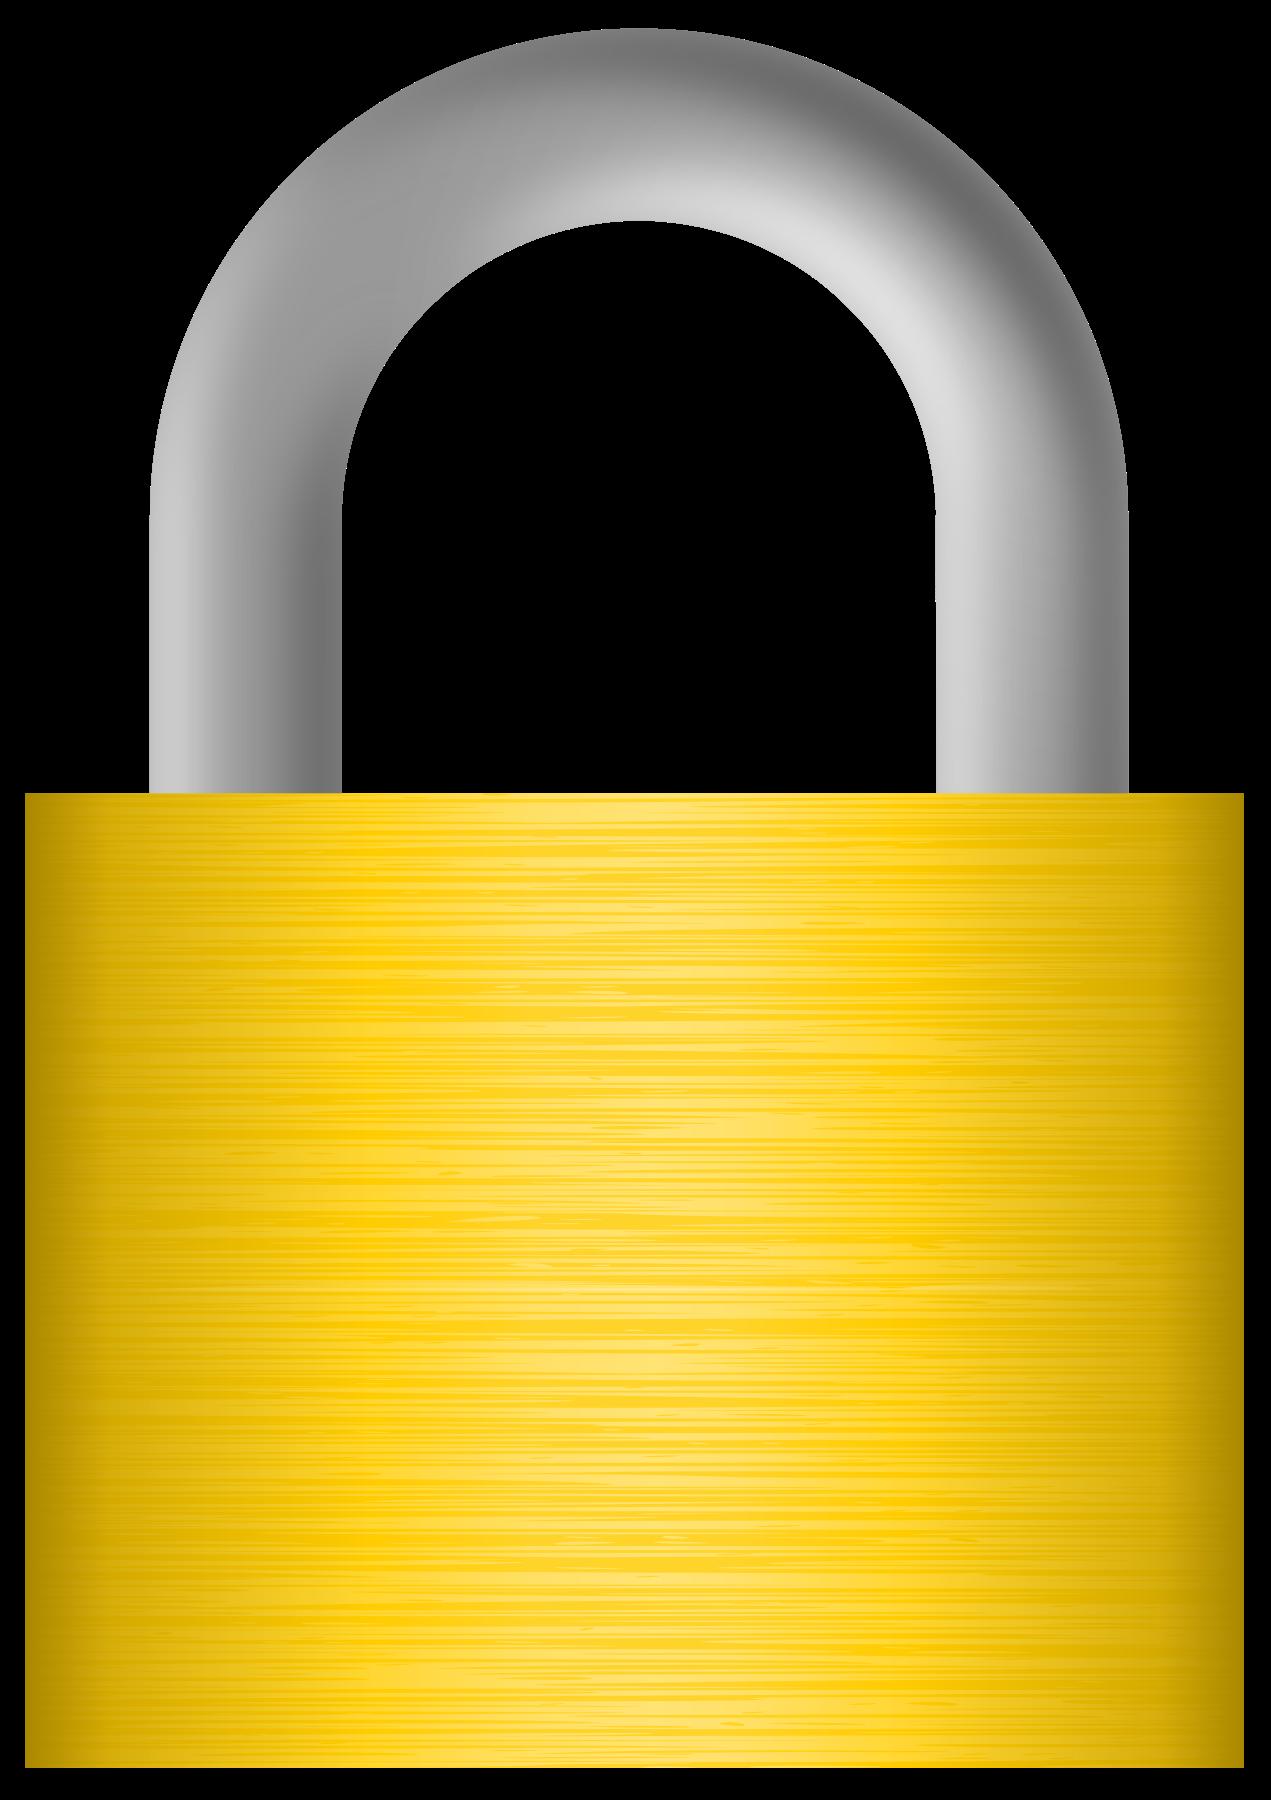 Vector lock